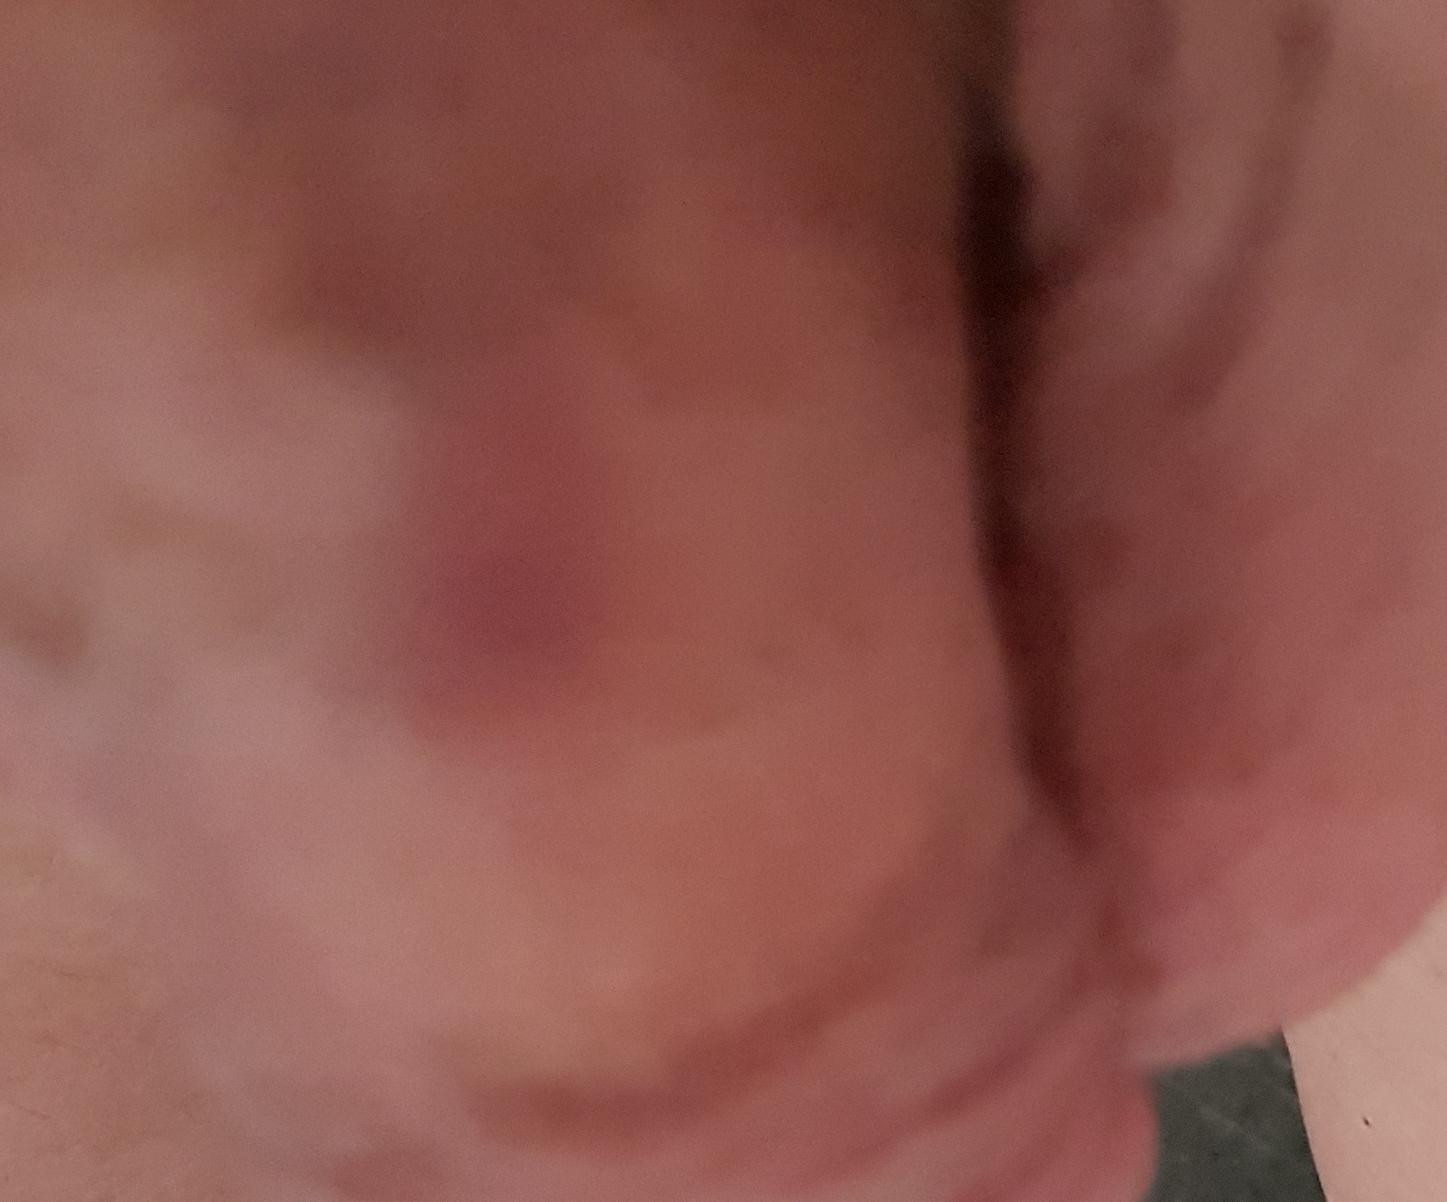 Zwarte lesbische voet fetish Porn